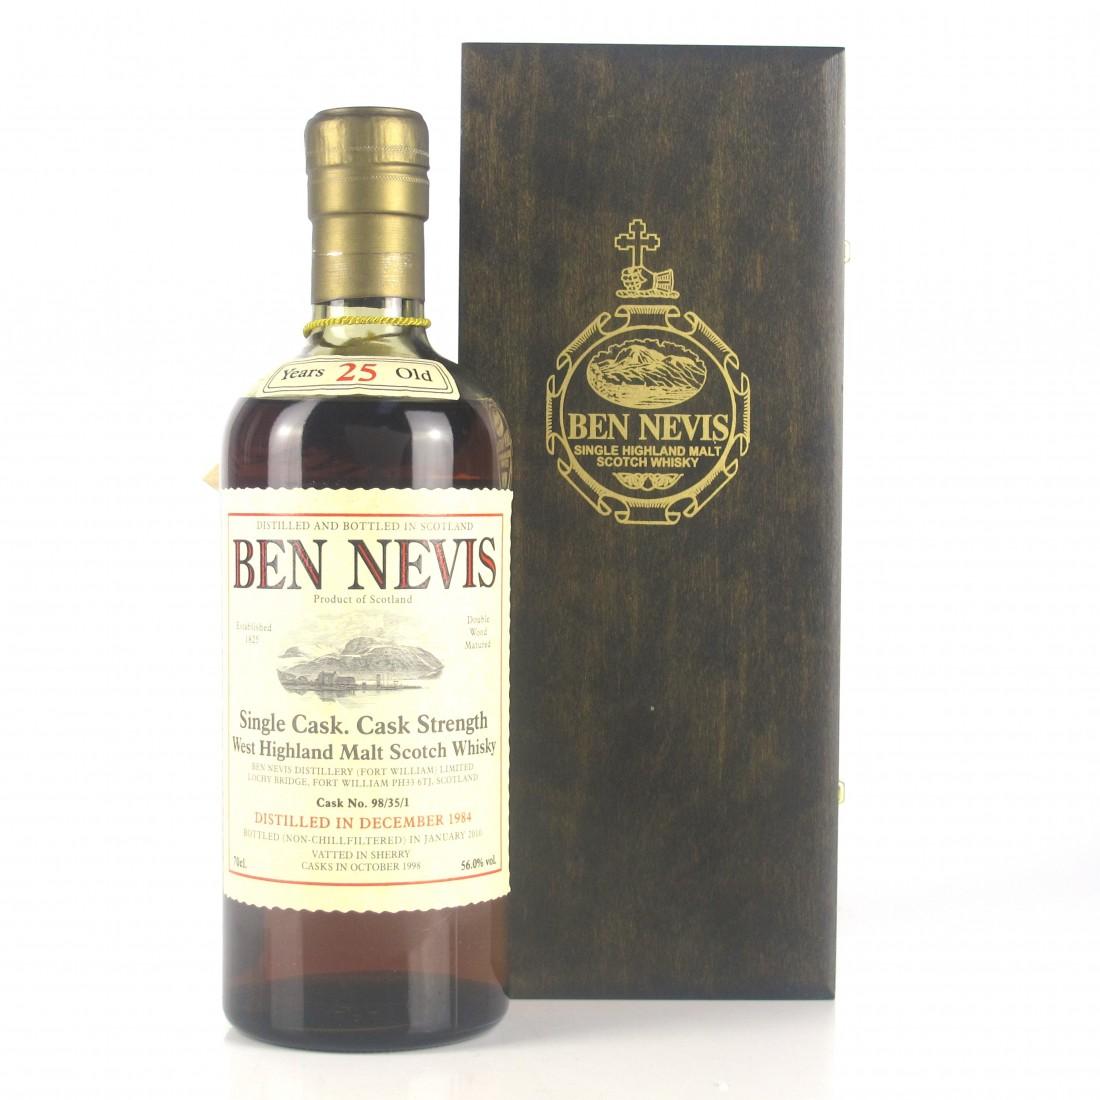 Ben Nevis 1984 Single Cask 25 Year Old